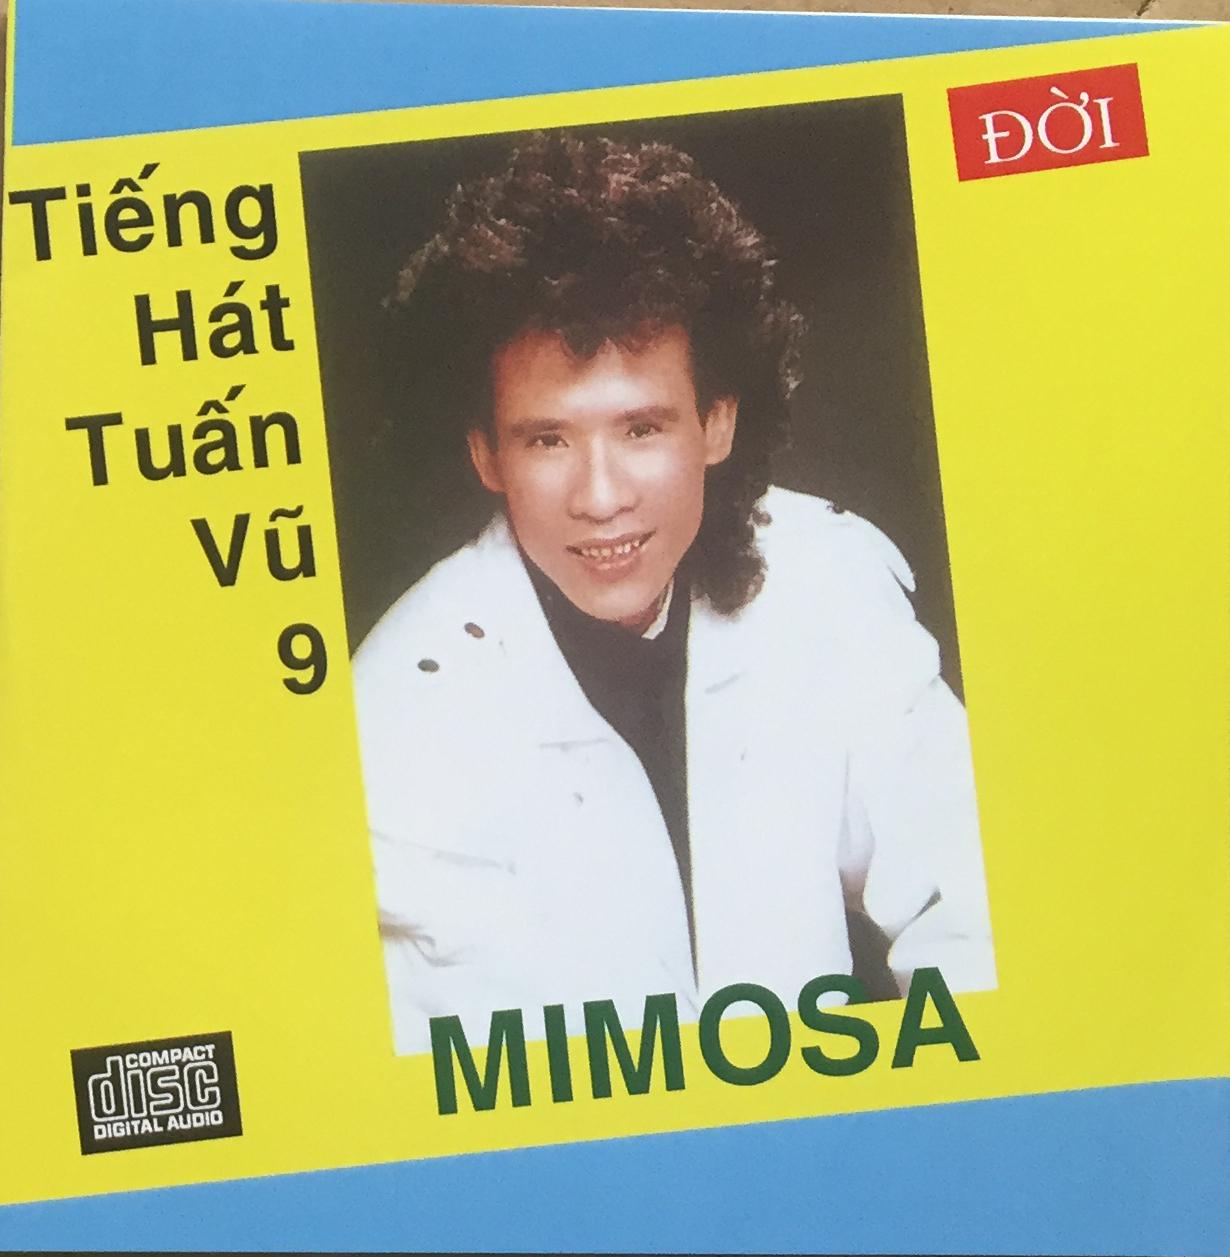 CD Tiếng hát Tuấn Vũ 9